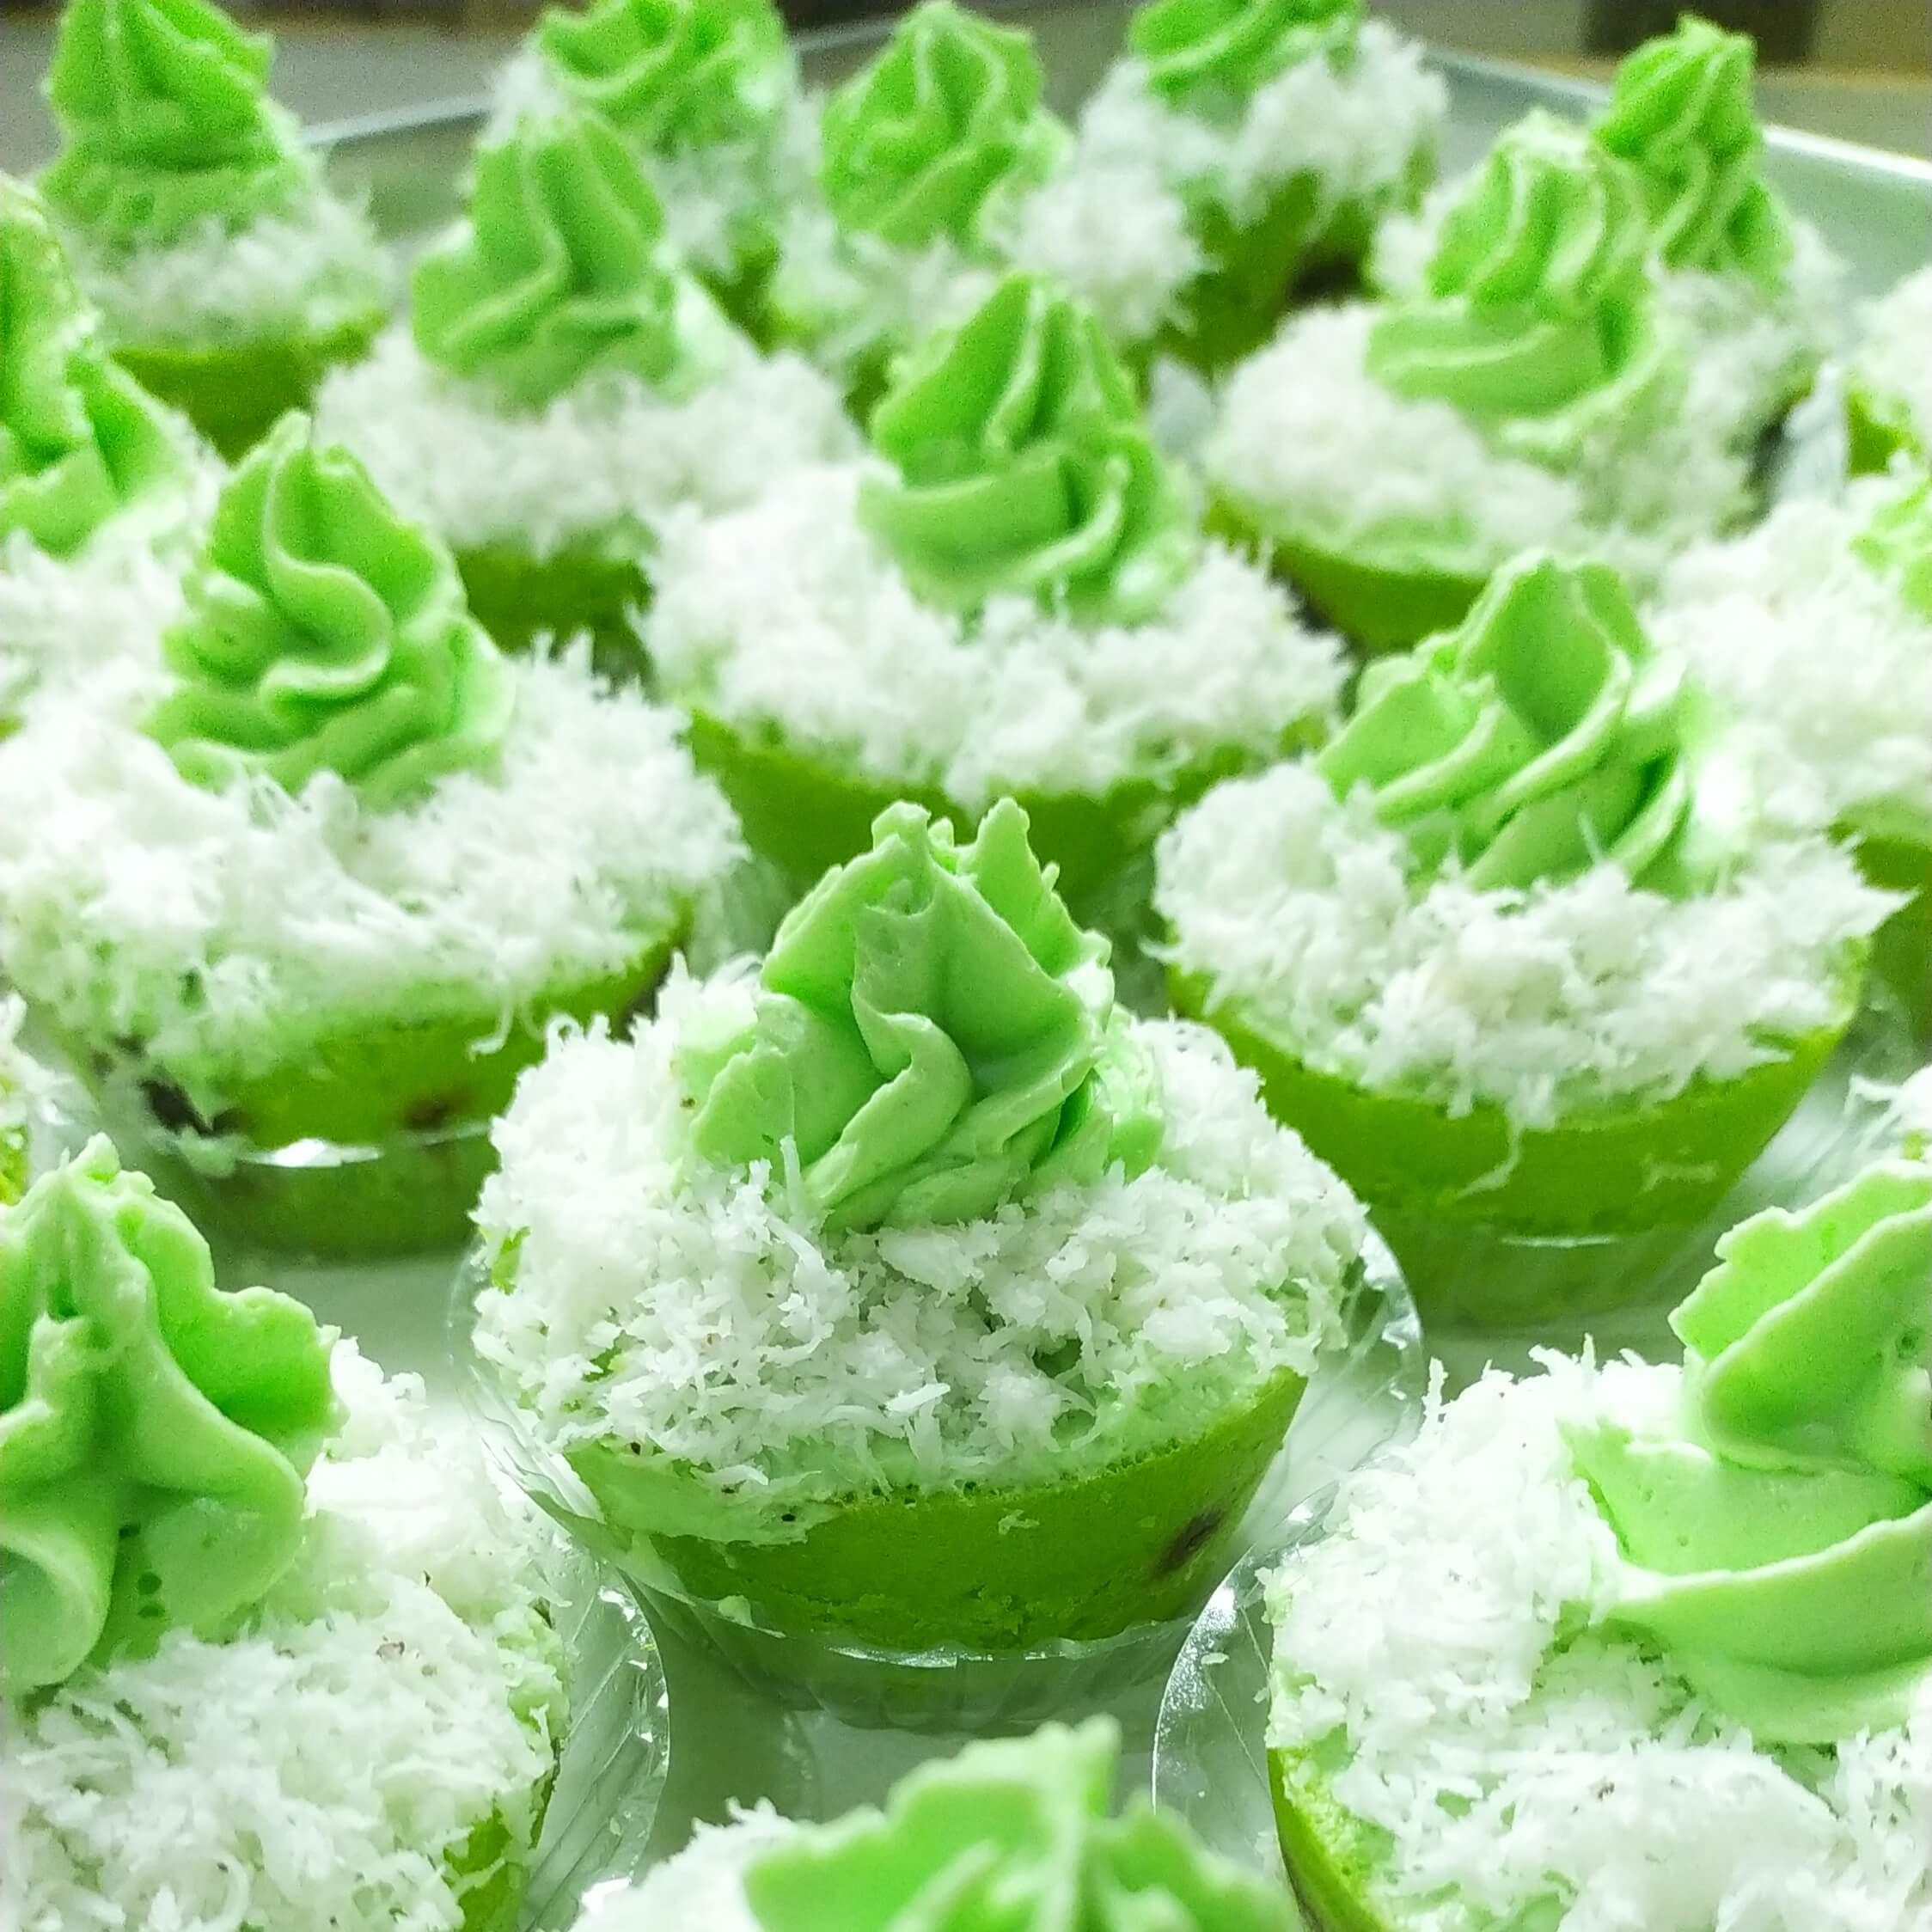 Resep klepom cupcake pandan enak, klepon cupcake pandan enak dan lembut